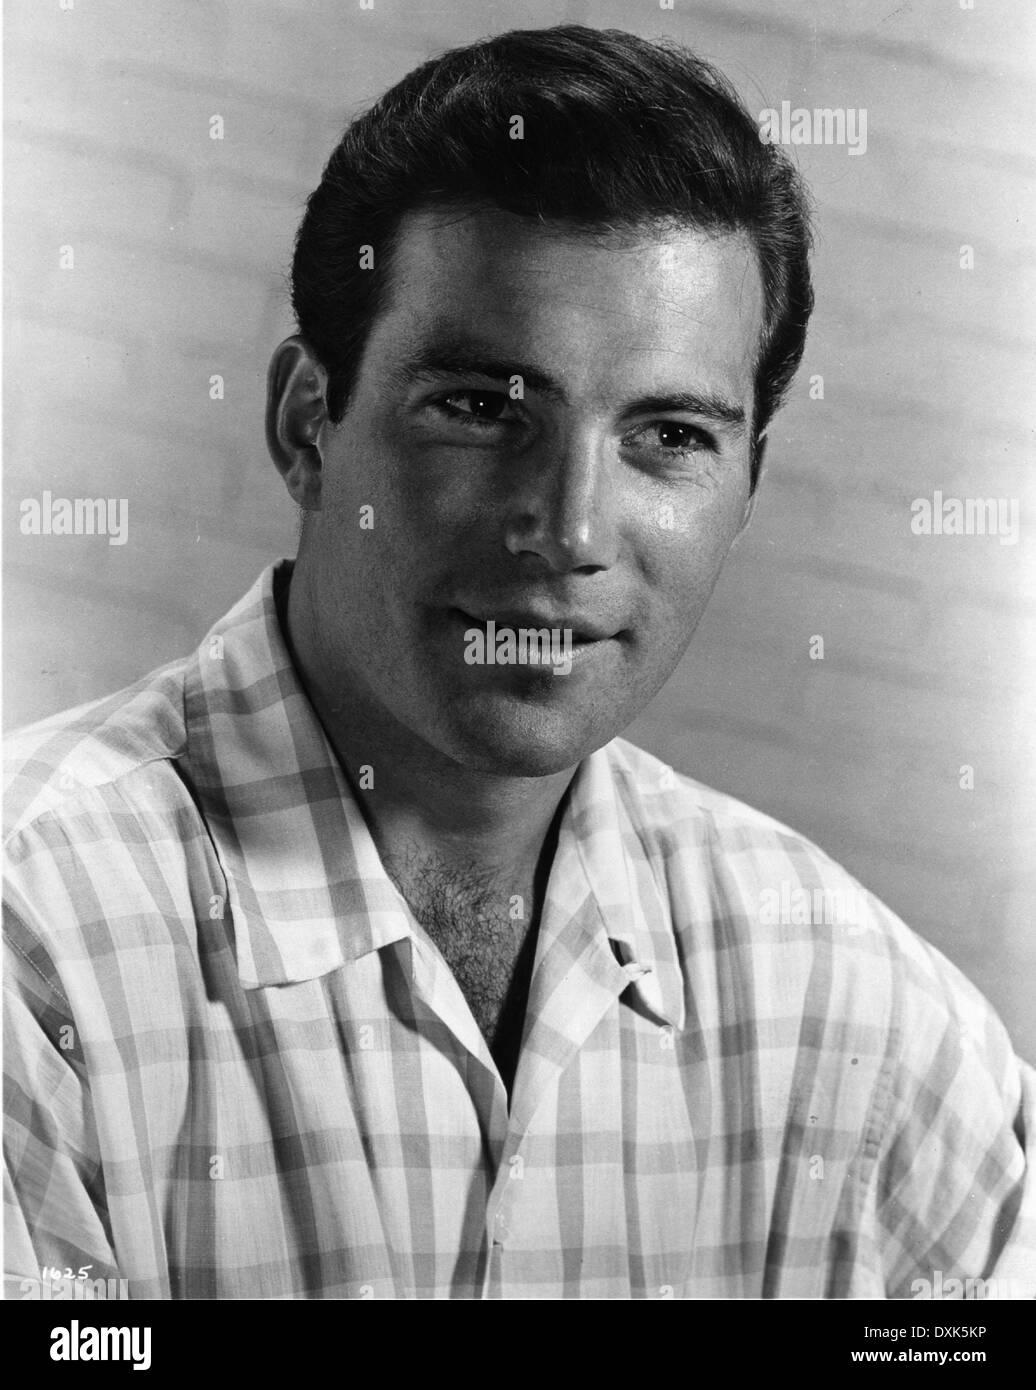 THE BROTHERS KARAMAZOV (US1958) WILLIAM SHATNER - Stock Image